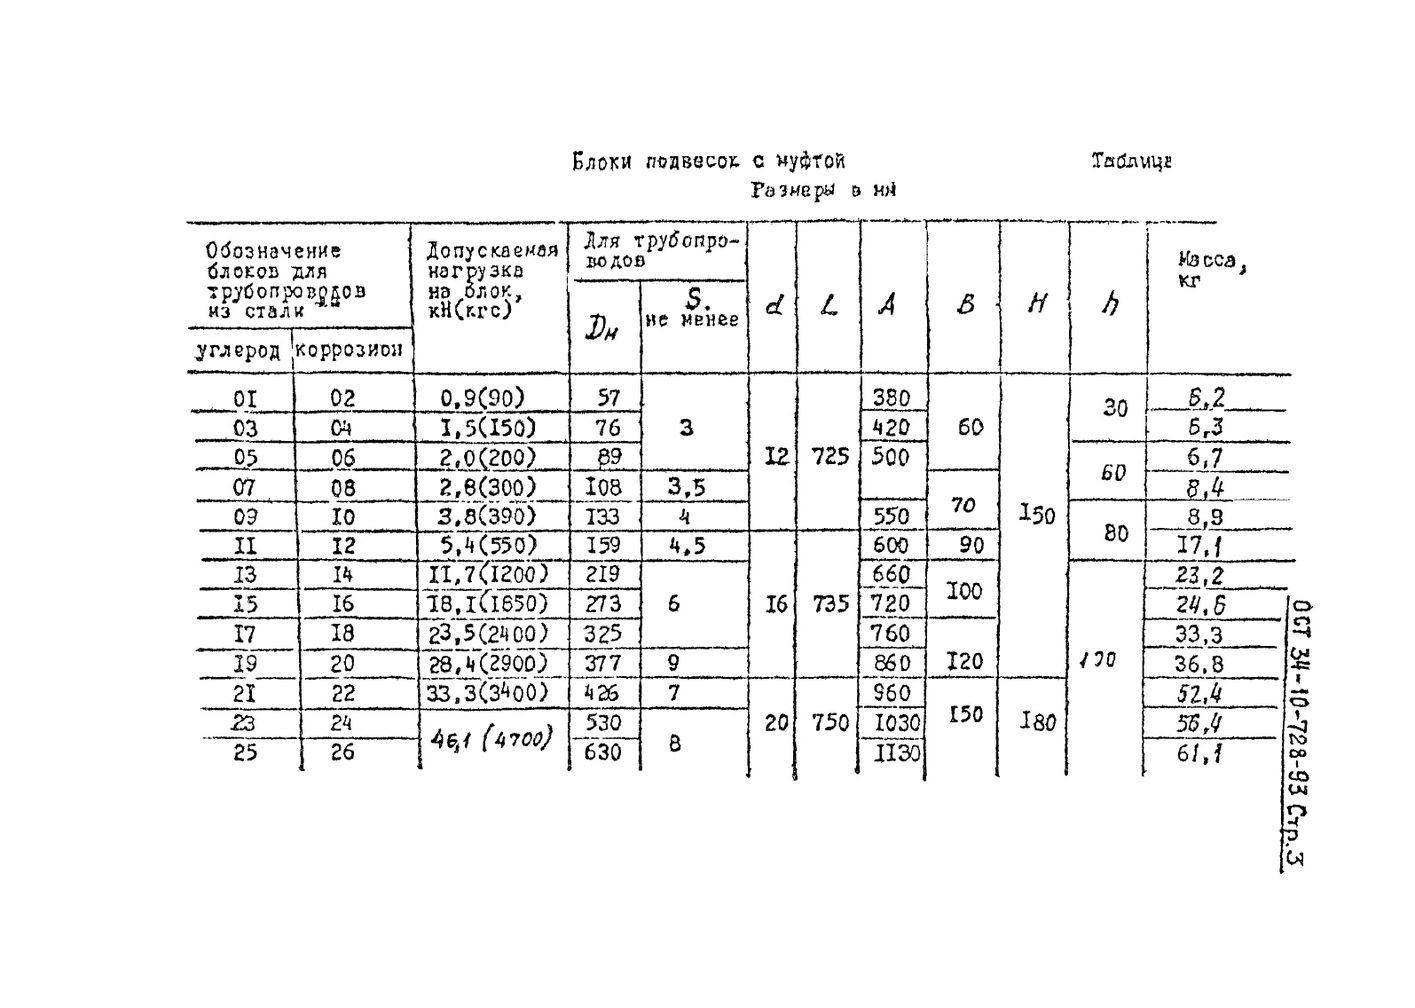 Блоки подвесок хомутовые для вертикальных трубопроводов ОСТ 34-10-728-93 стр.3